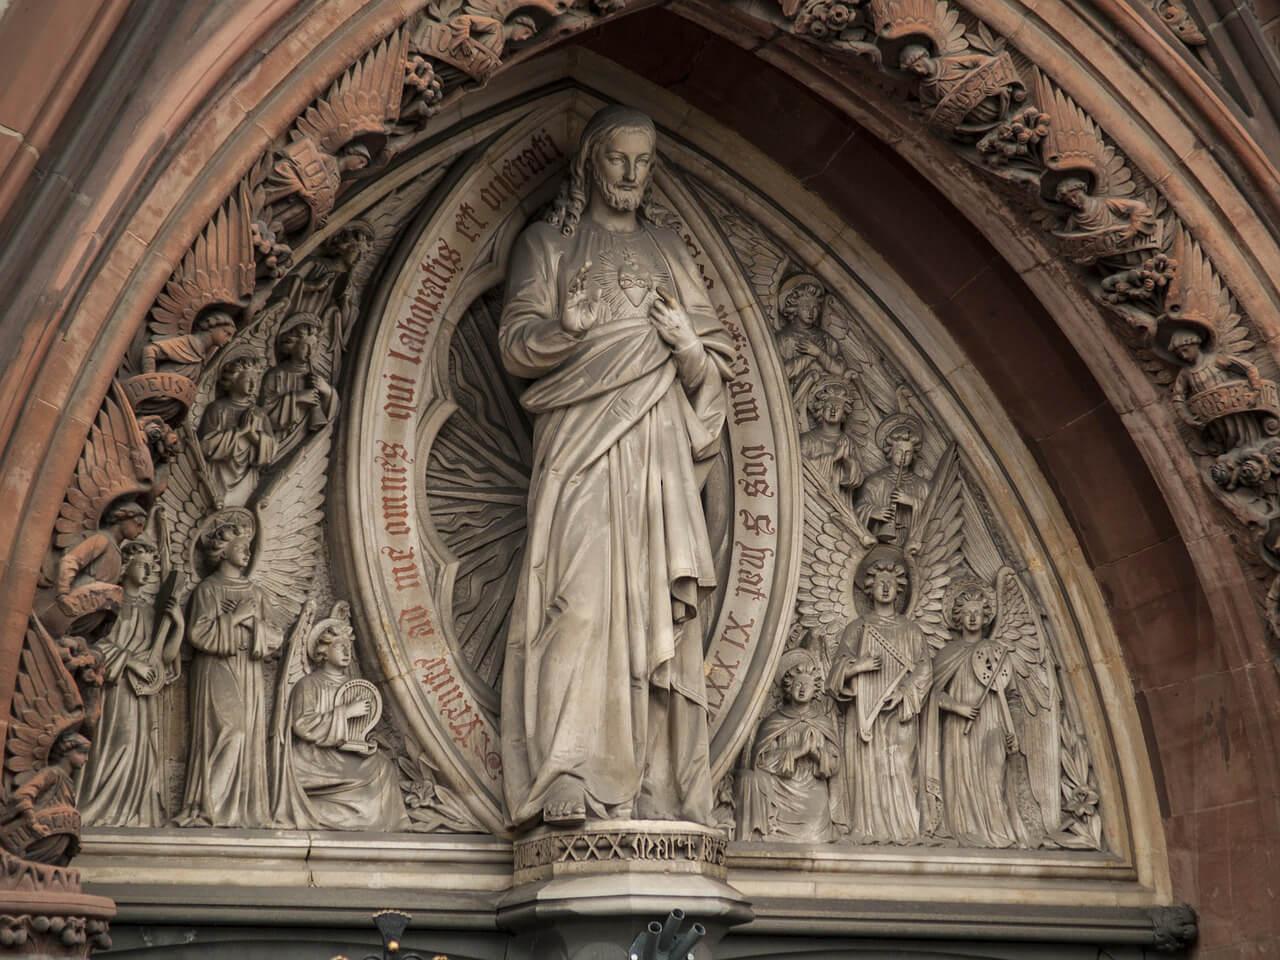 На фото изображена статуя Иисуса.